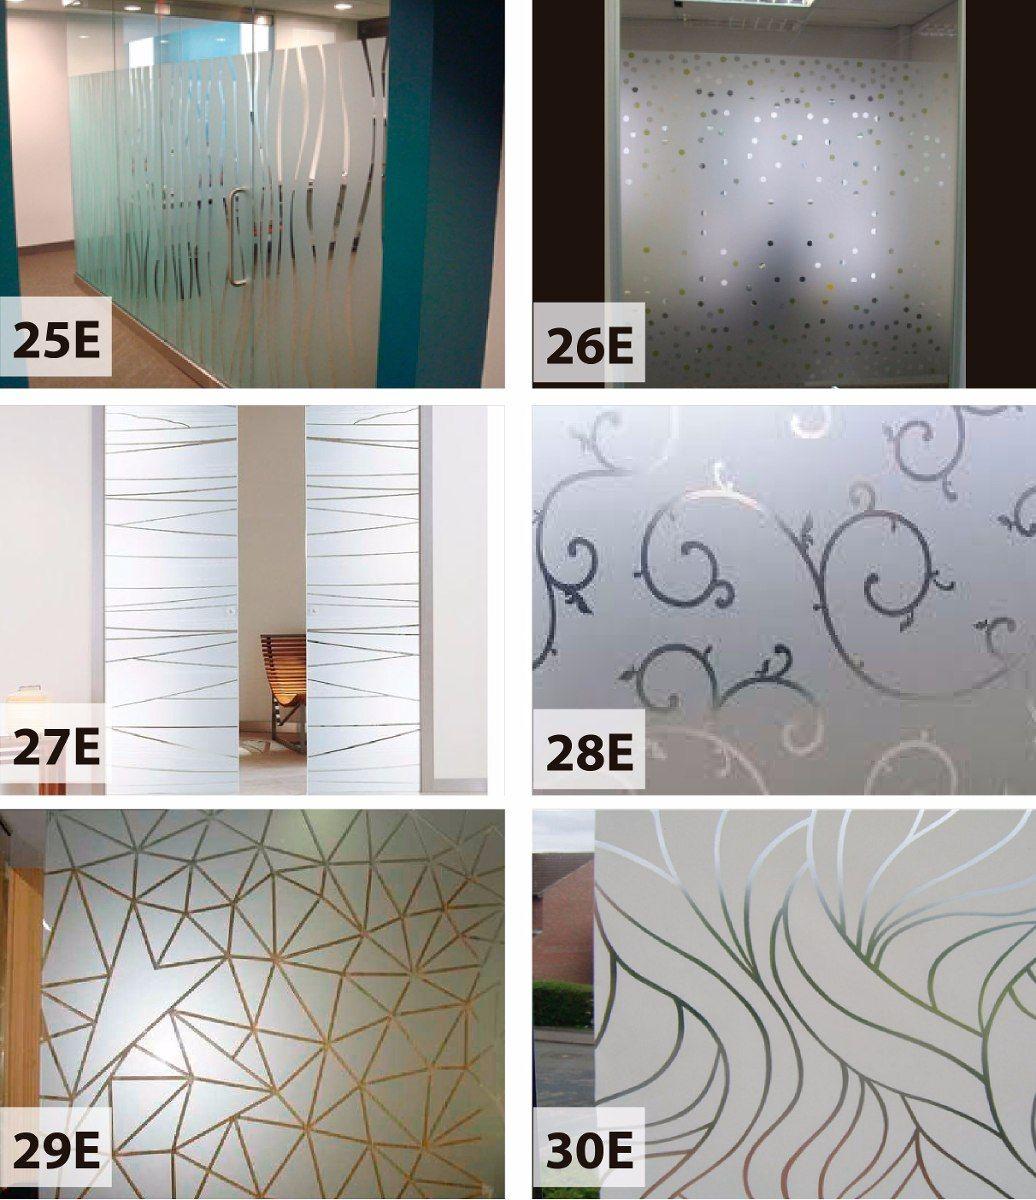 Esmerilados dise os oficina ventanas vidrieras home for Puertas con vidrieras decorativas